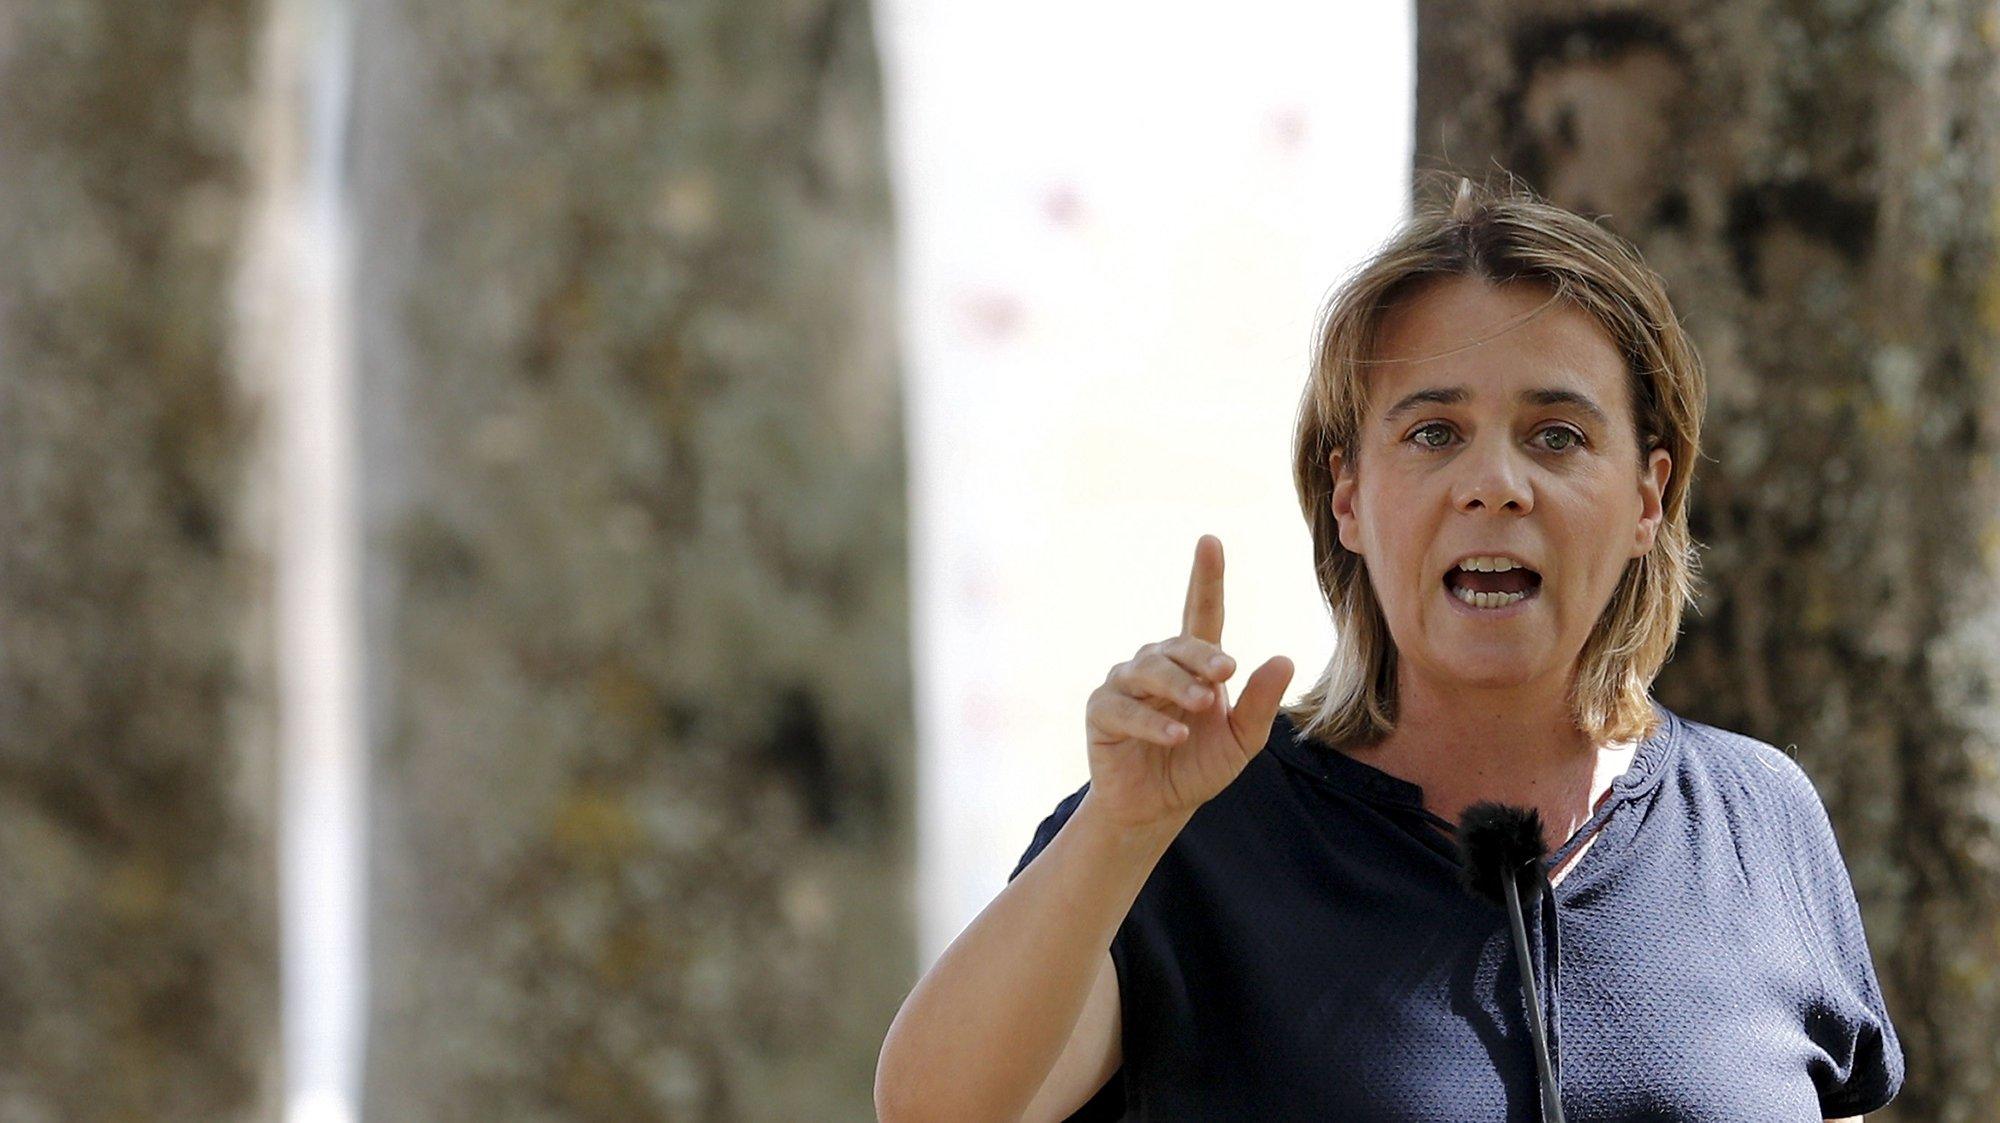 """A coordenadora Nacional do Bloco de Esquerda (BE), Catarina Martins, discursa durante o encontro """"Municípios livres de violência de género"""", no âmbito da campanha para as eleições autárquicas, que decorreu em Santarém, 05 de setembro de 2021. ANTÓNIO COTRIM/LUSA"""